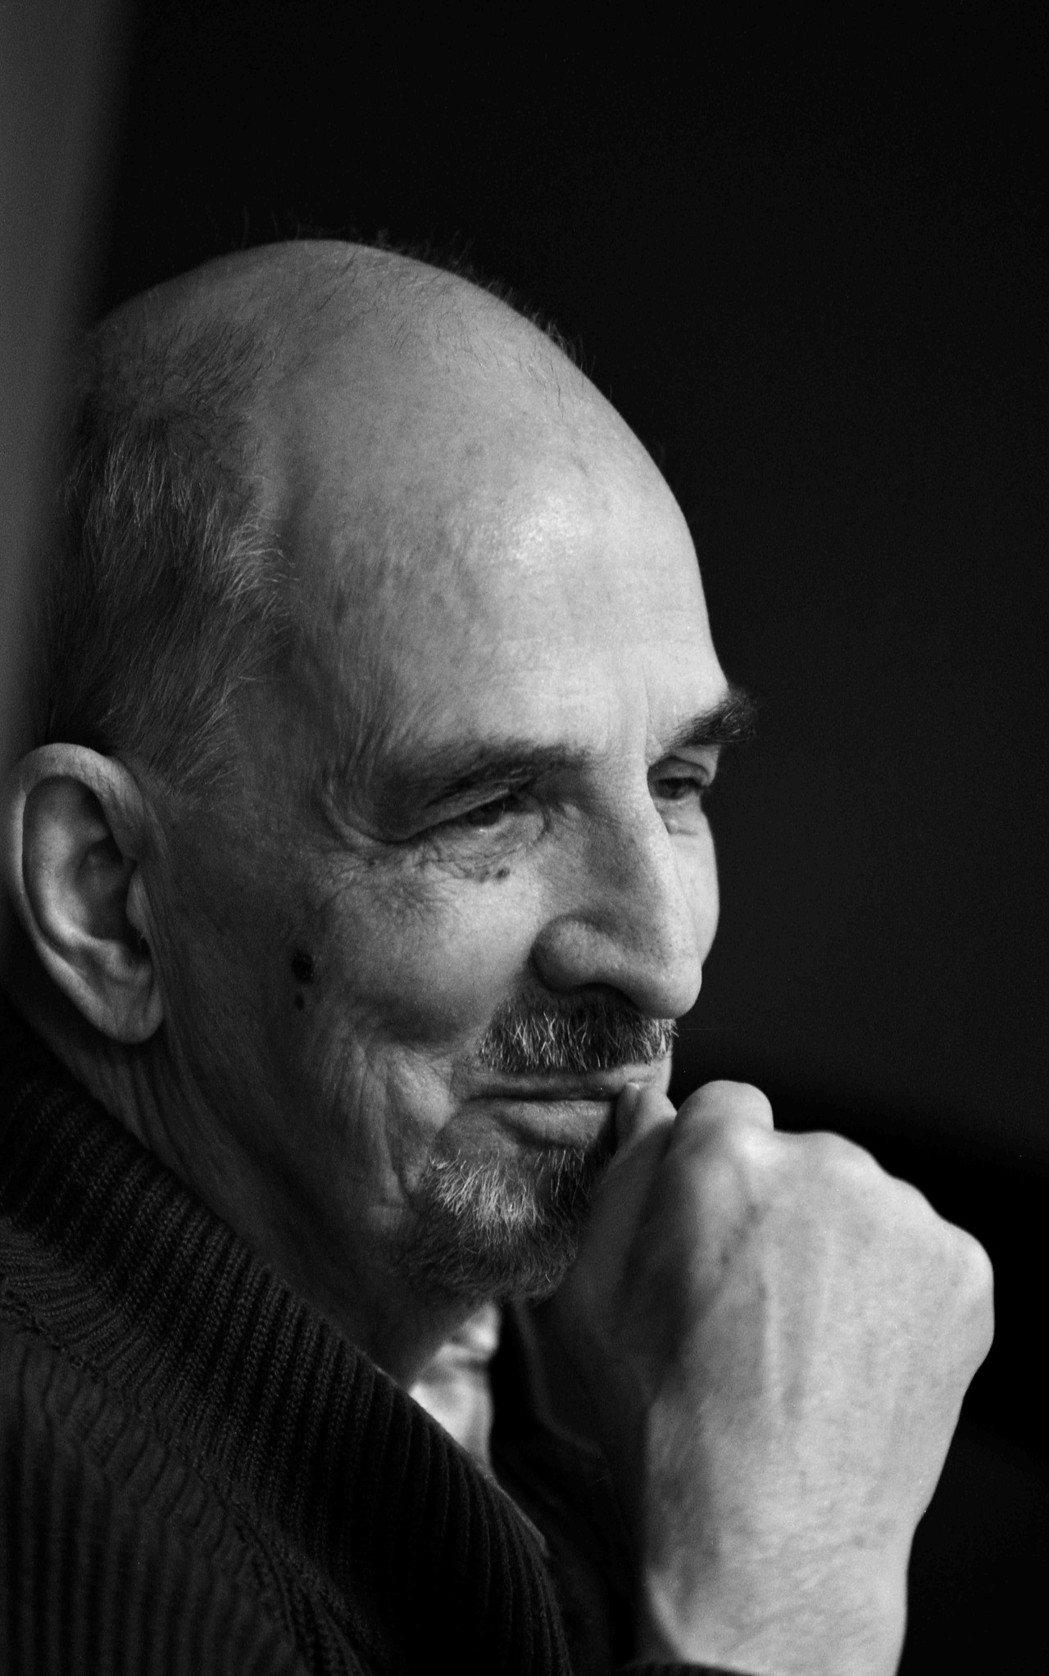 瑞典電影大師柏格曼百歲冥誕,金馬影展推出大師全經典作品。圖/金馬影展提供